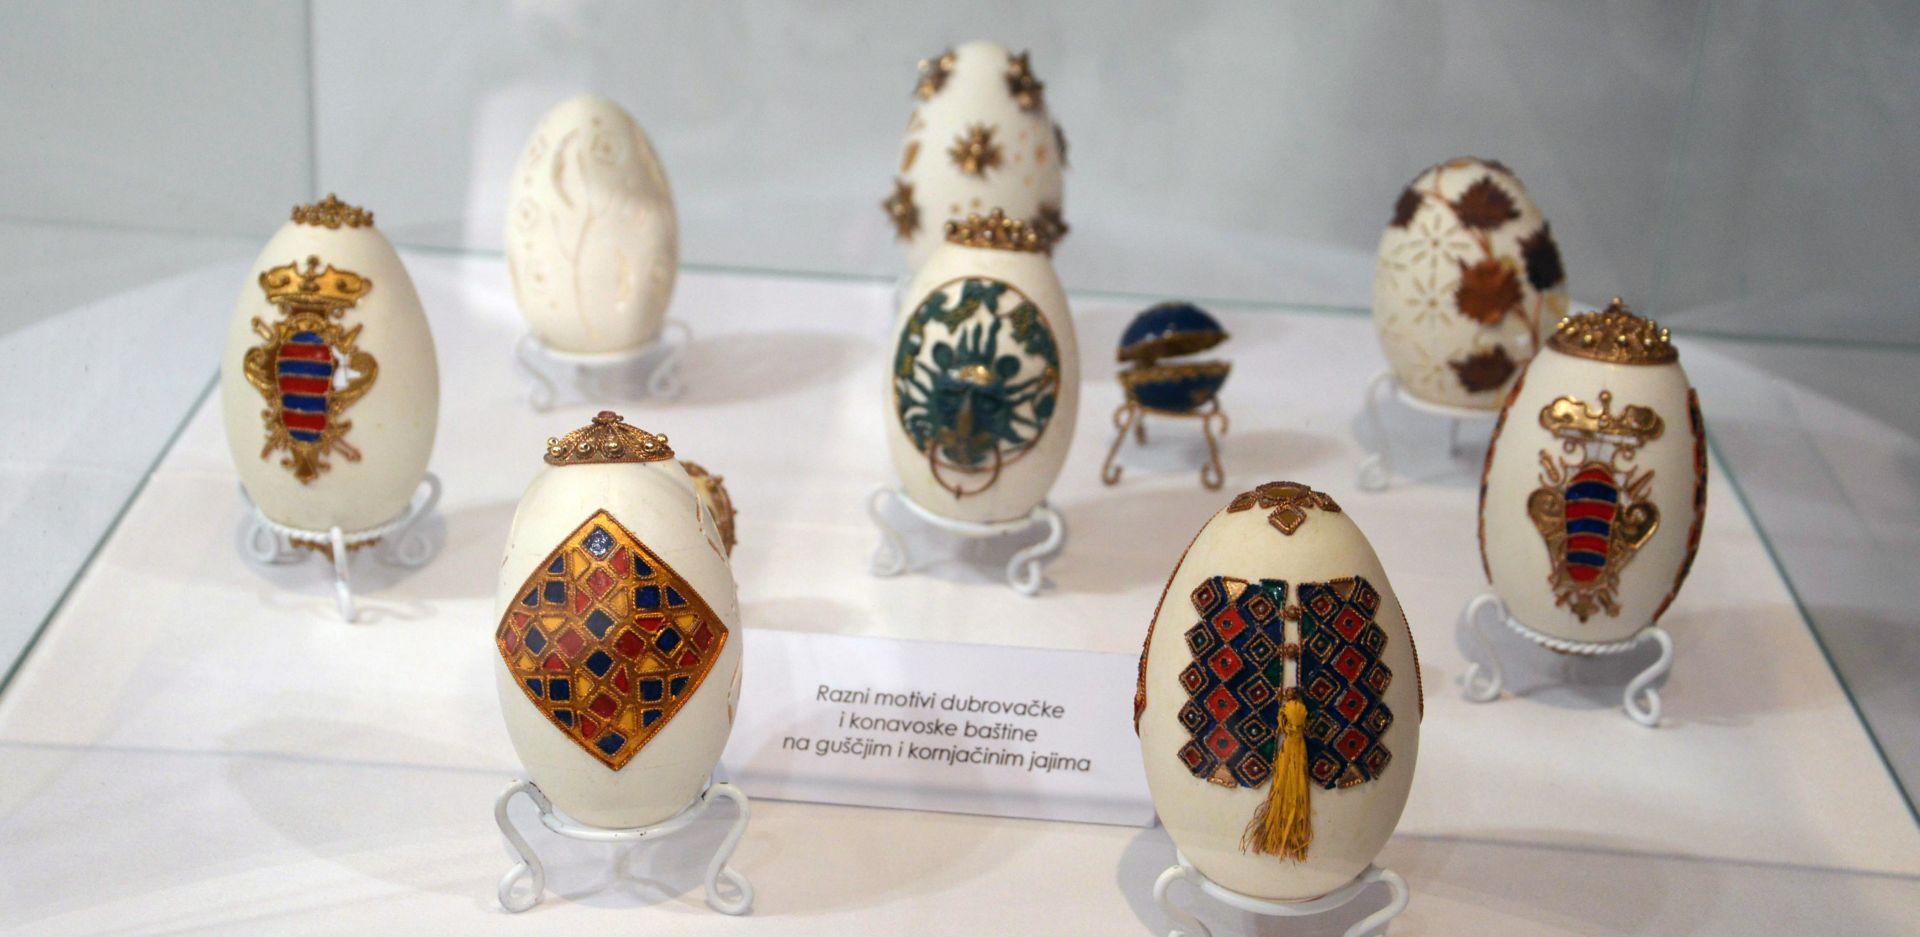 Dubrovnik: Otvorena izložba rukotvorina od jaja s dubrovačkim motivima